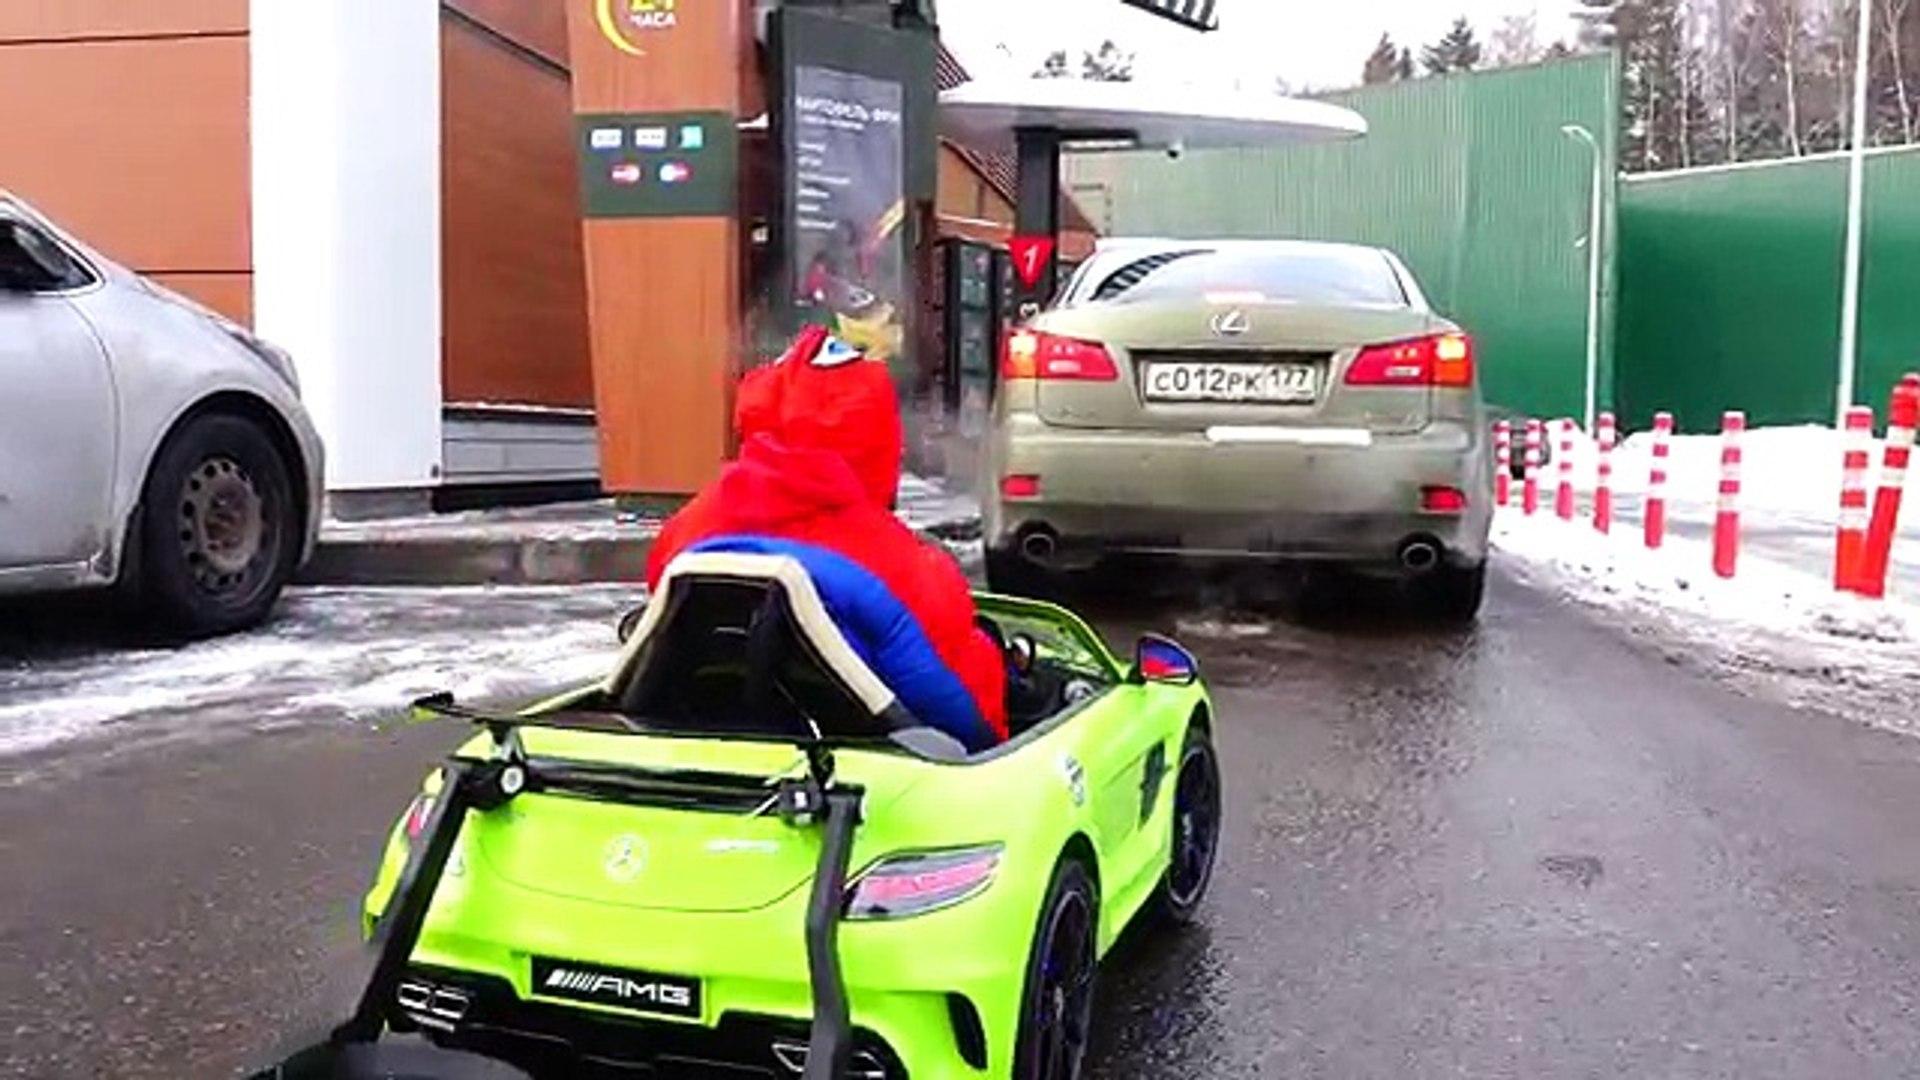 Детка ребенок водить машину Эльза замороженный замороженные в в в в Дети Дети ... кино шалость реаль